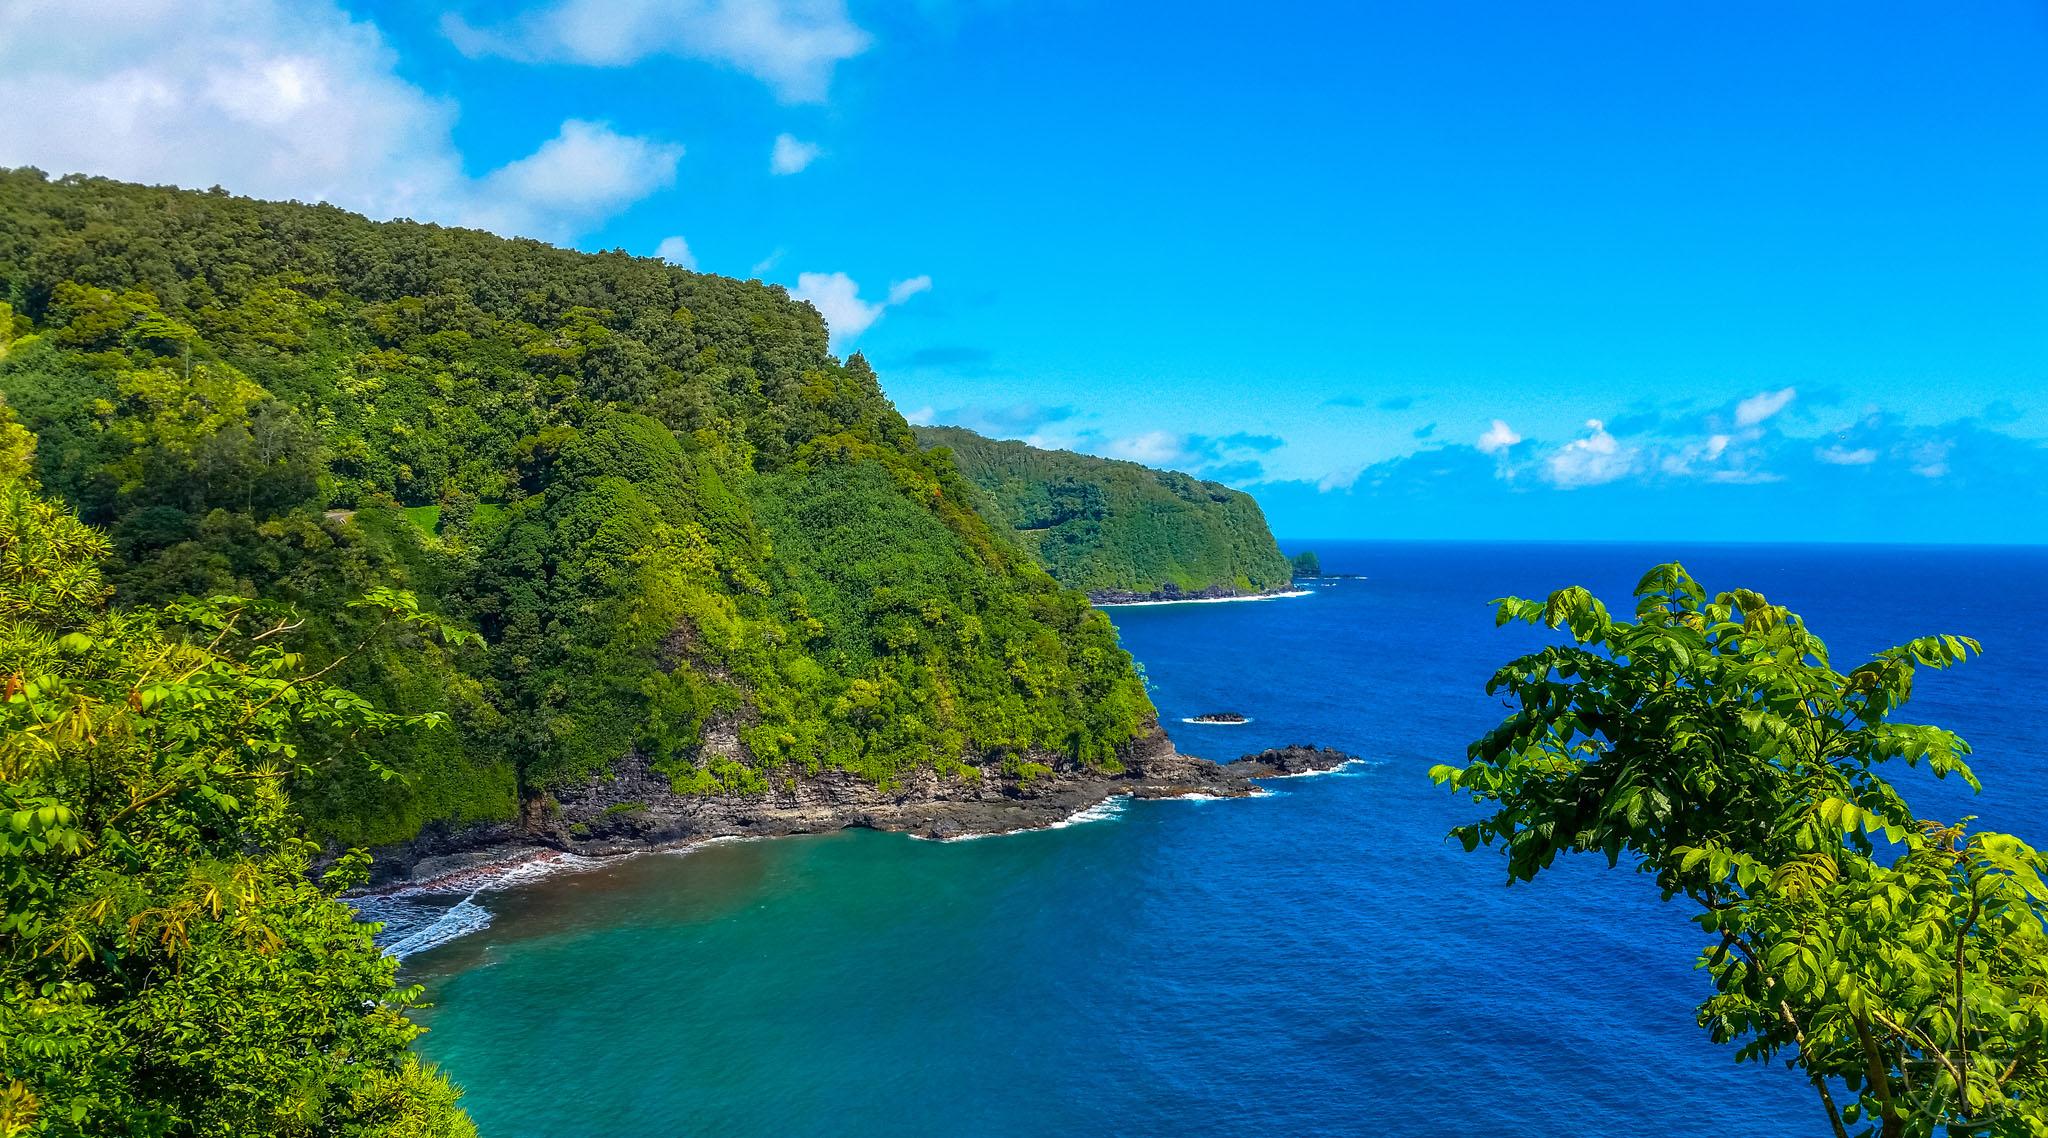 MauiHawaii_RoadToHanaOverlook_FACEBOOK.jpg